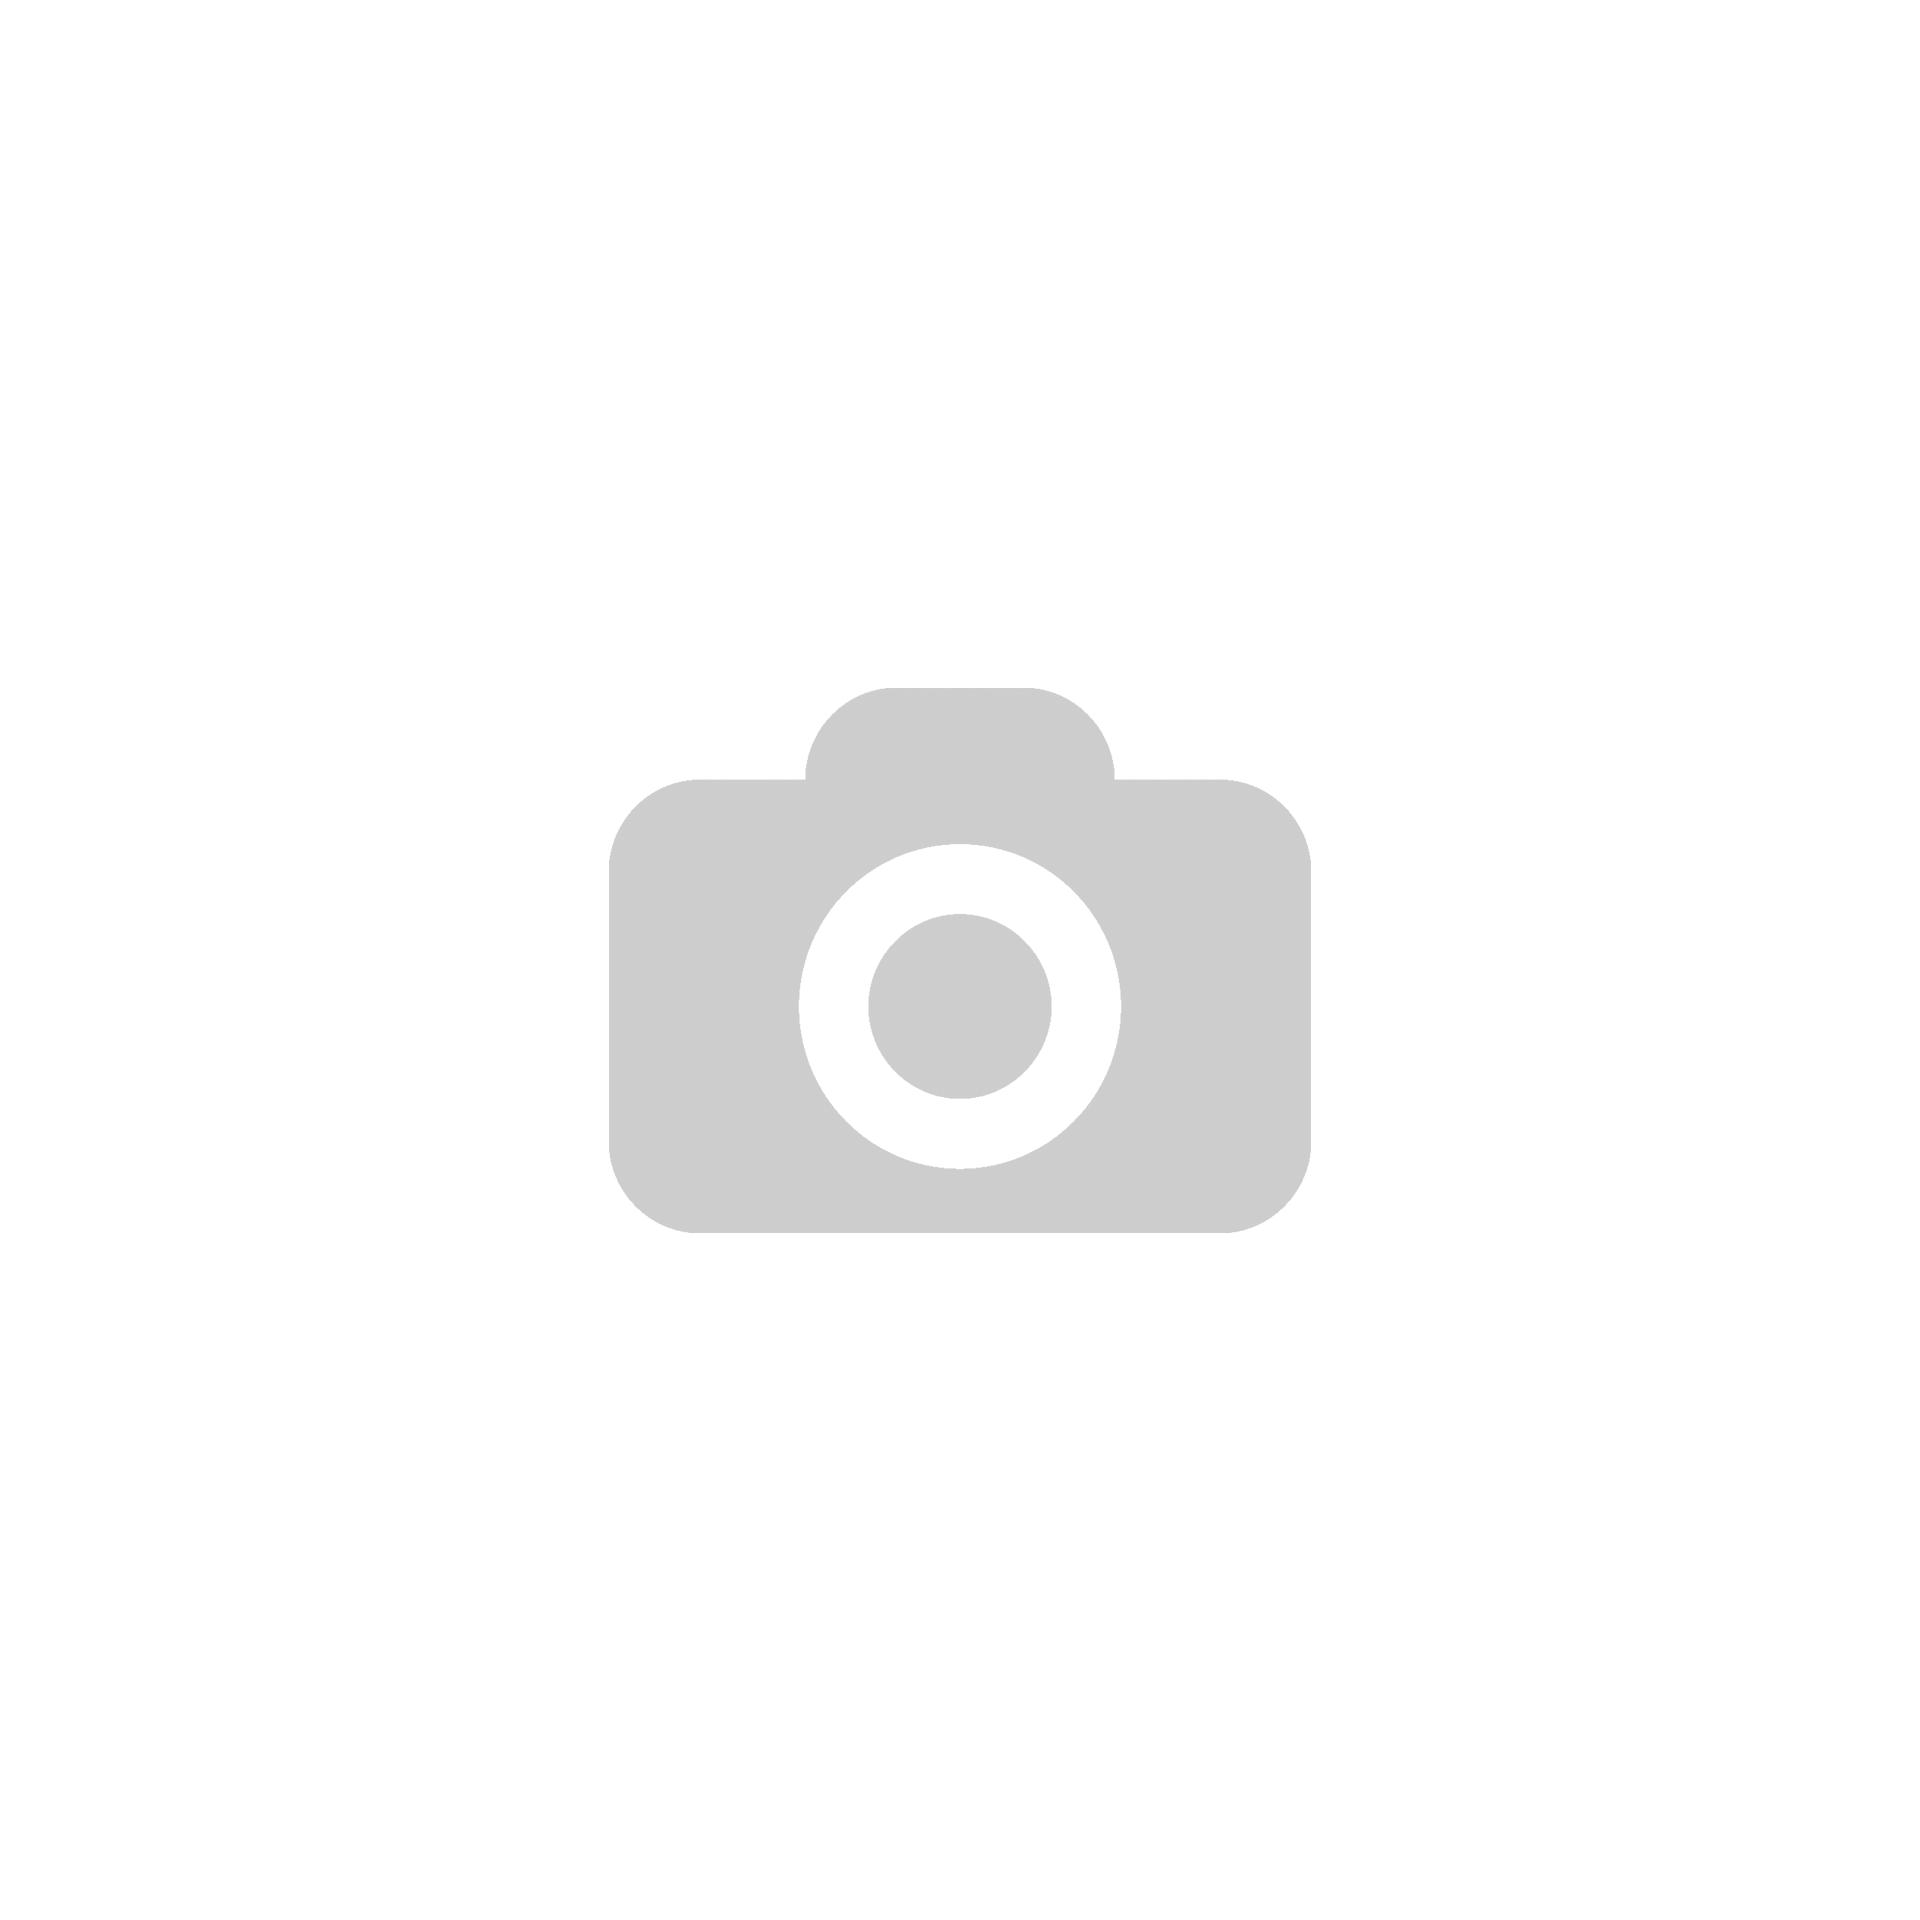 2fd15b16f2fe Karos, kézi fóliahegesztő gép, 300 mm | Eszta-Tools Kft.